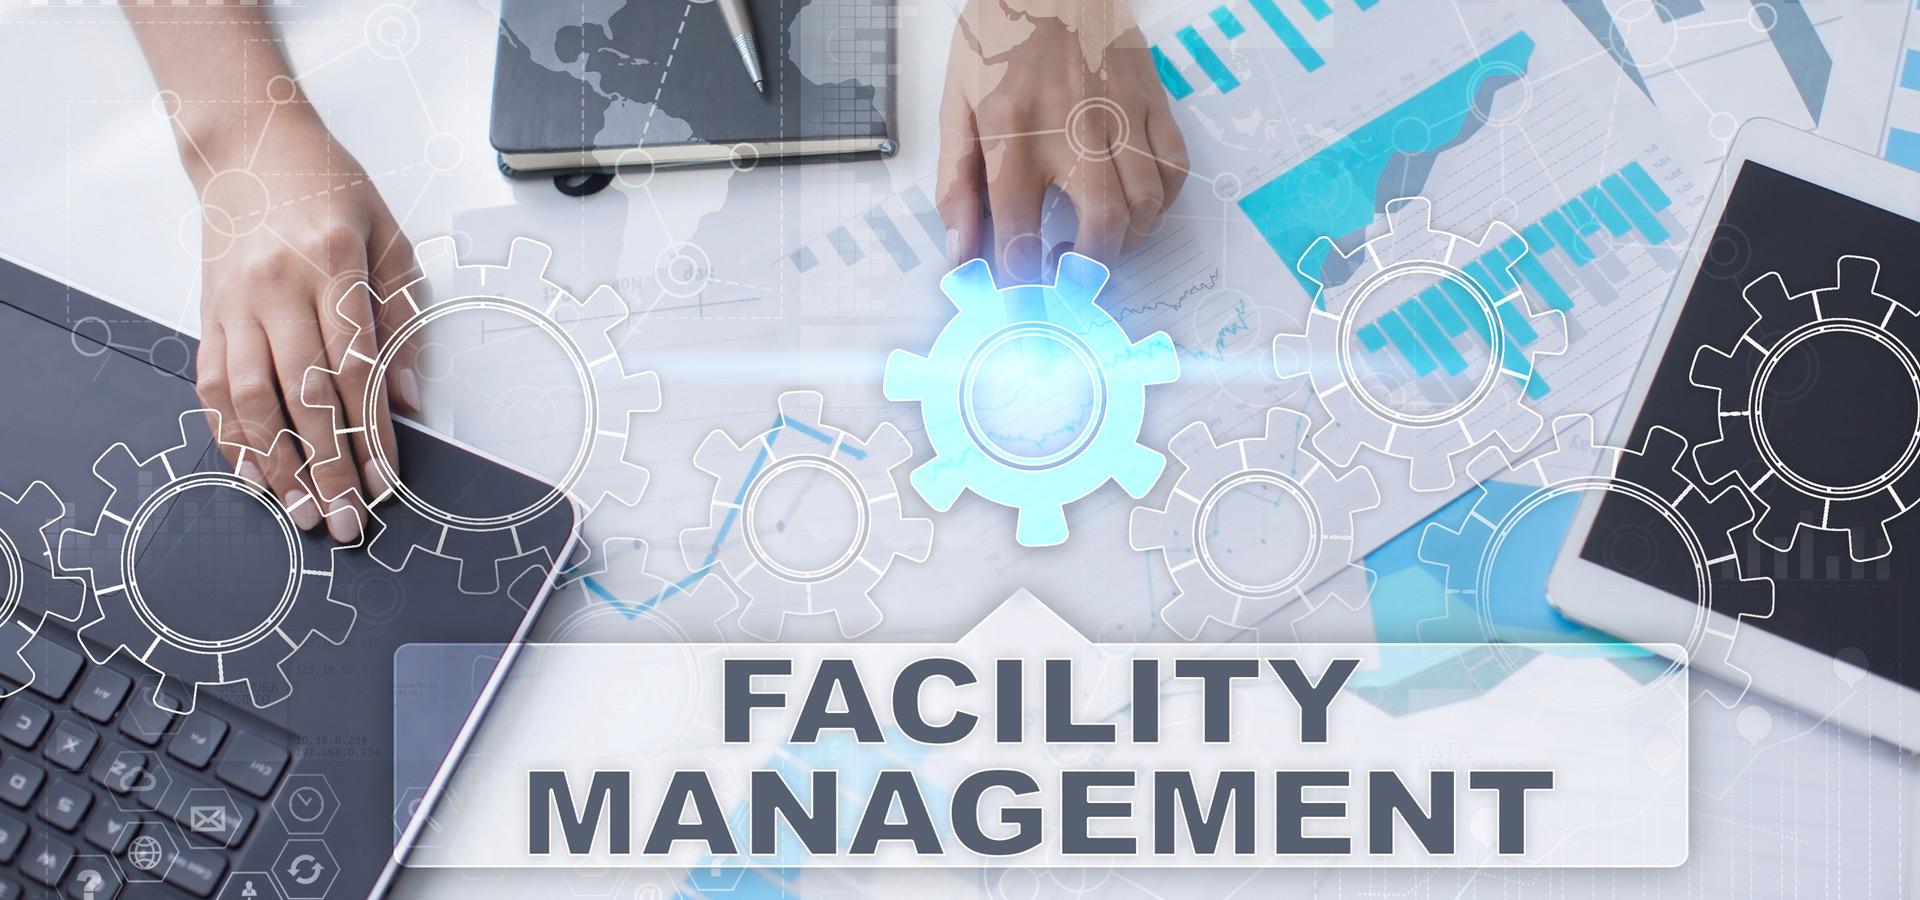 heischu FM GmbH, Facility Management, Due Diligence, Bestandsoptimierung, Revitalisierung